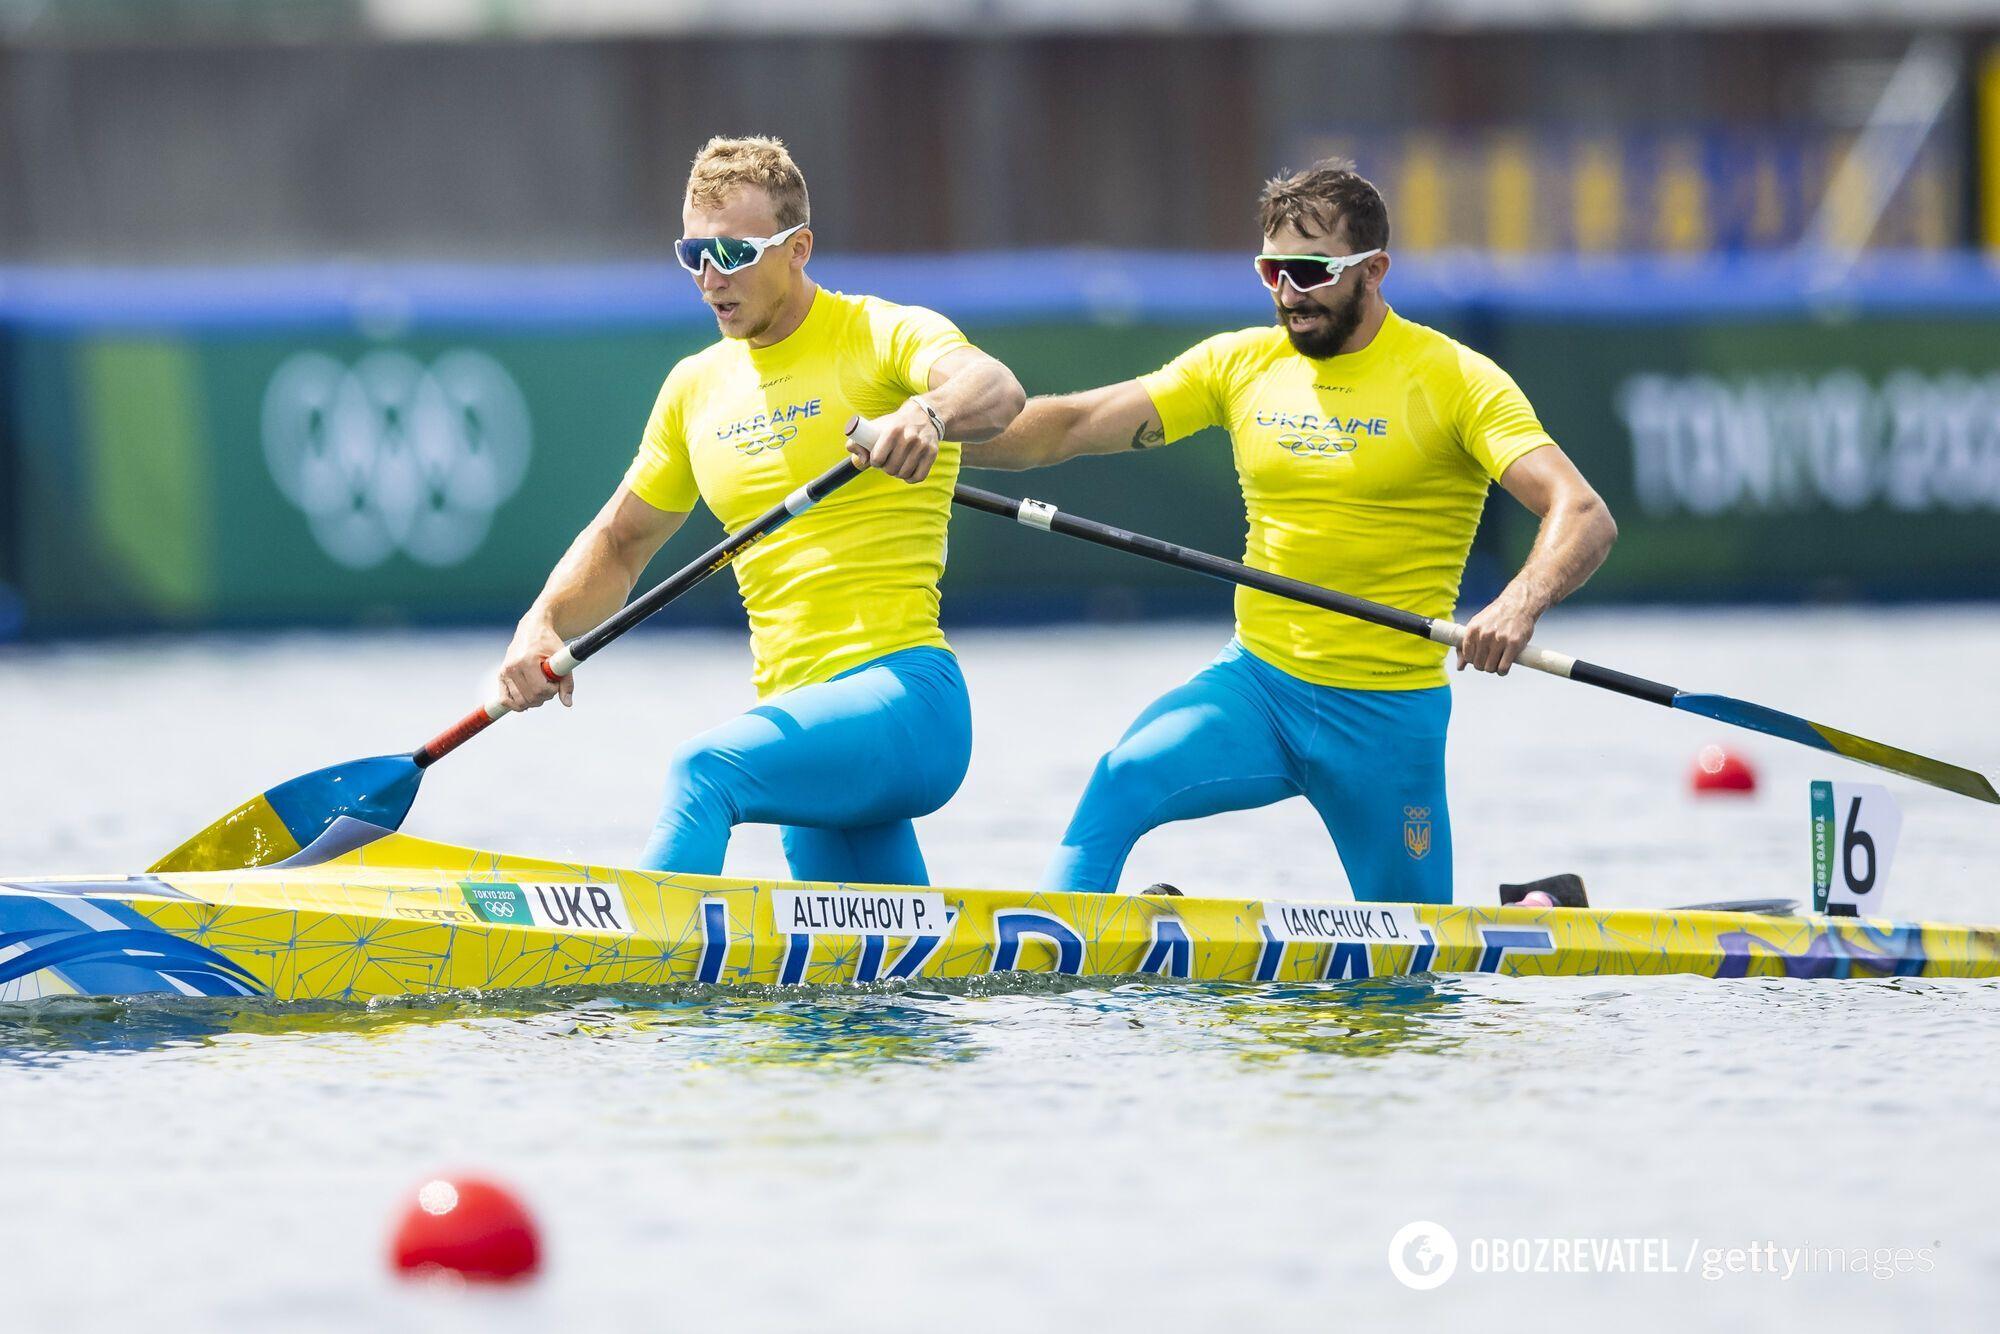 Дмитрий Янчук и Павел Алтухов